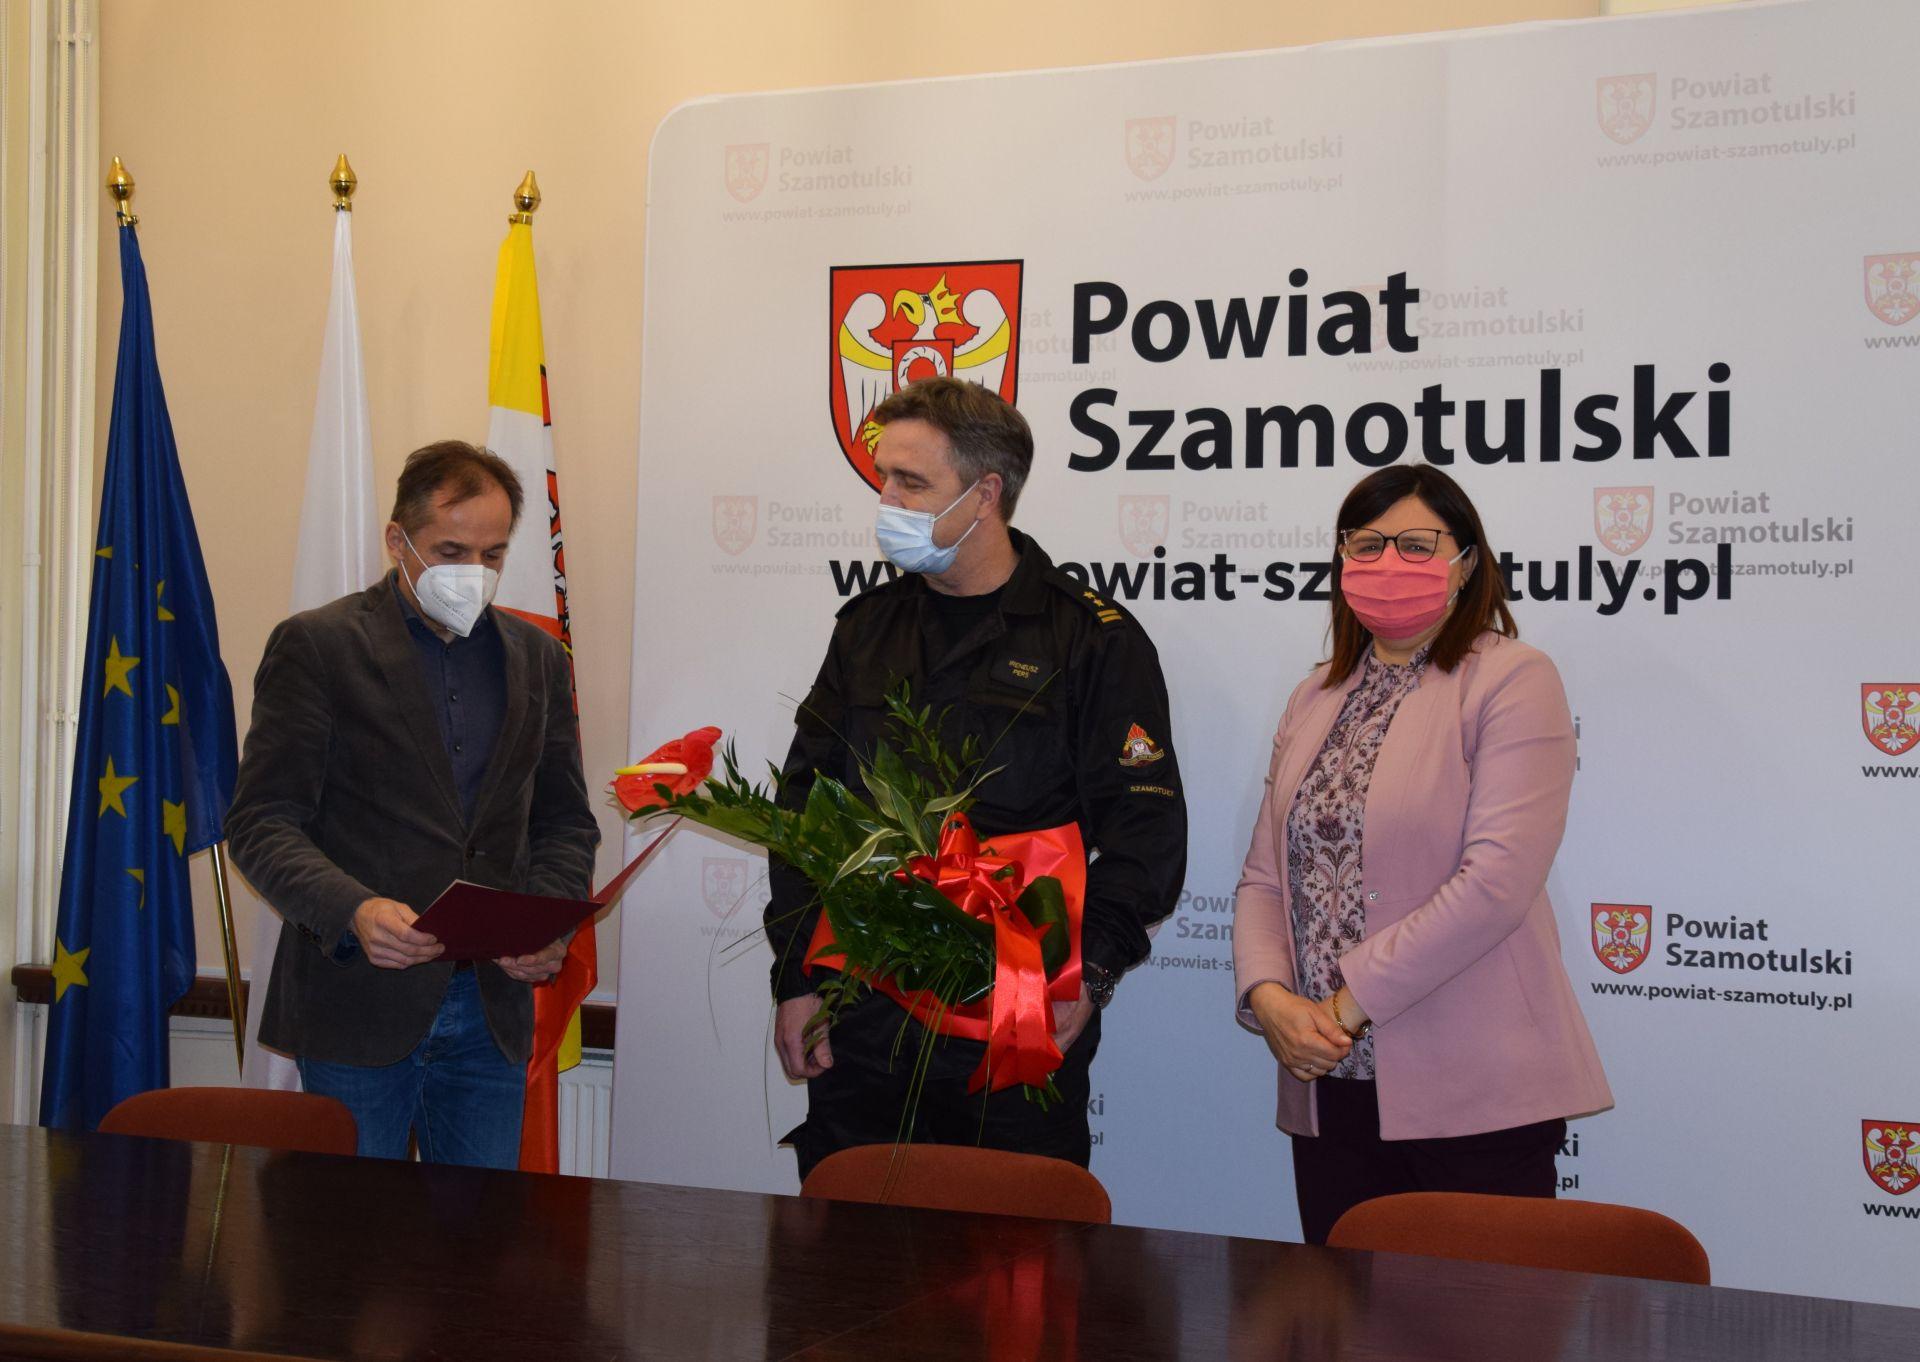 Starosta i Wicestarosta wręczają kwiaty na ręce Komendanta Powiatowej Straży Pożarnej